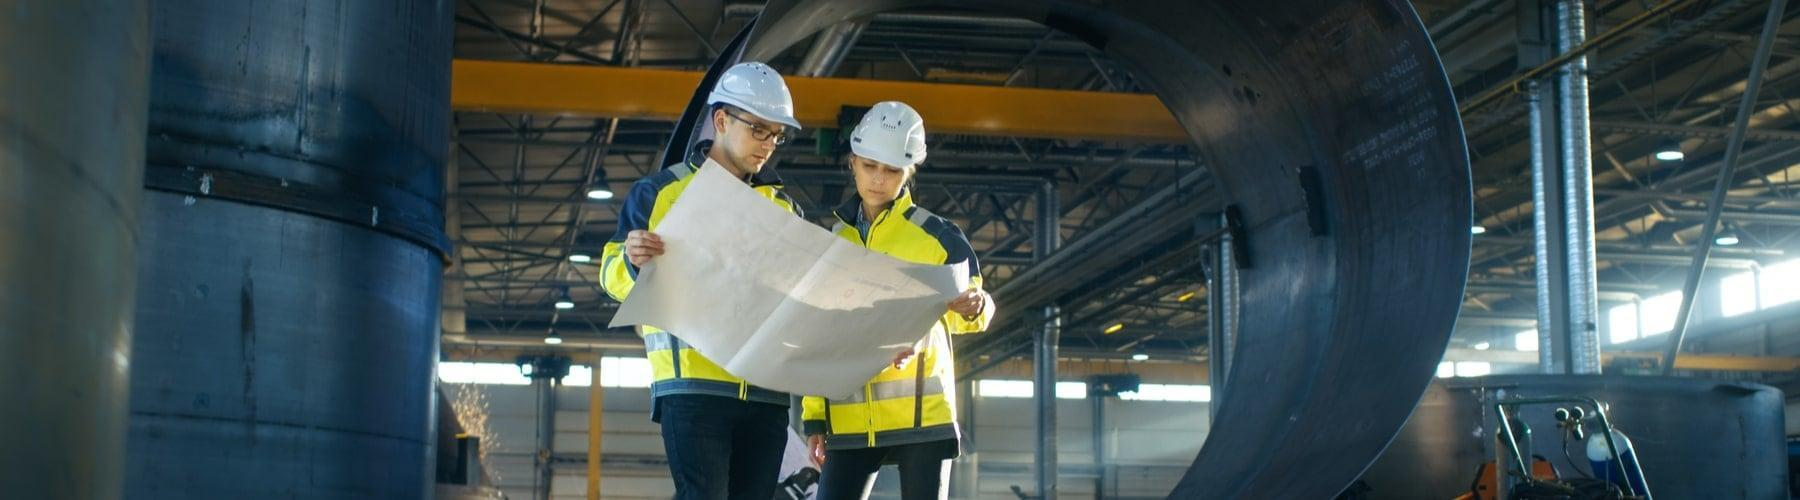 Als zukunftsorientiertes Unternehmen sucht Dornbach Instandhaltung immer wieder Verstärkung in unterschiedlichen Bereichen. Aktuell suchen wir Servicetechniker.